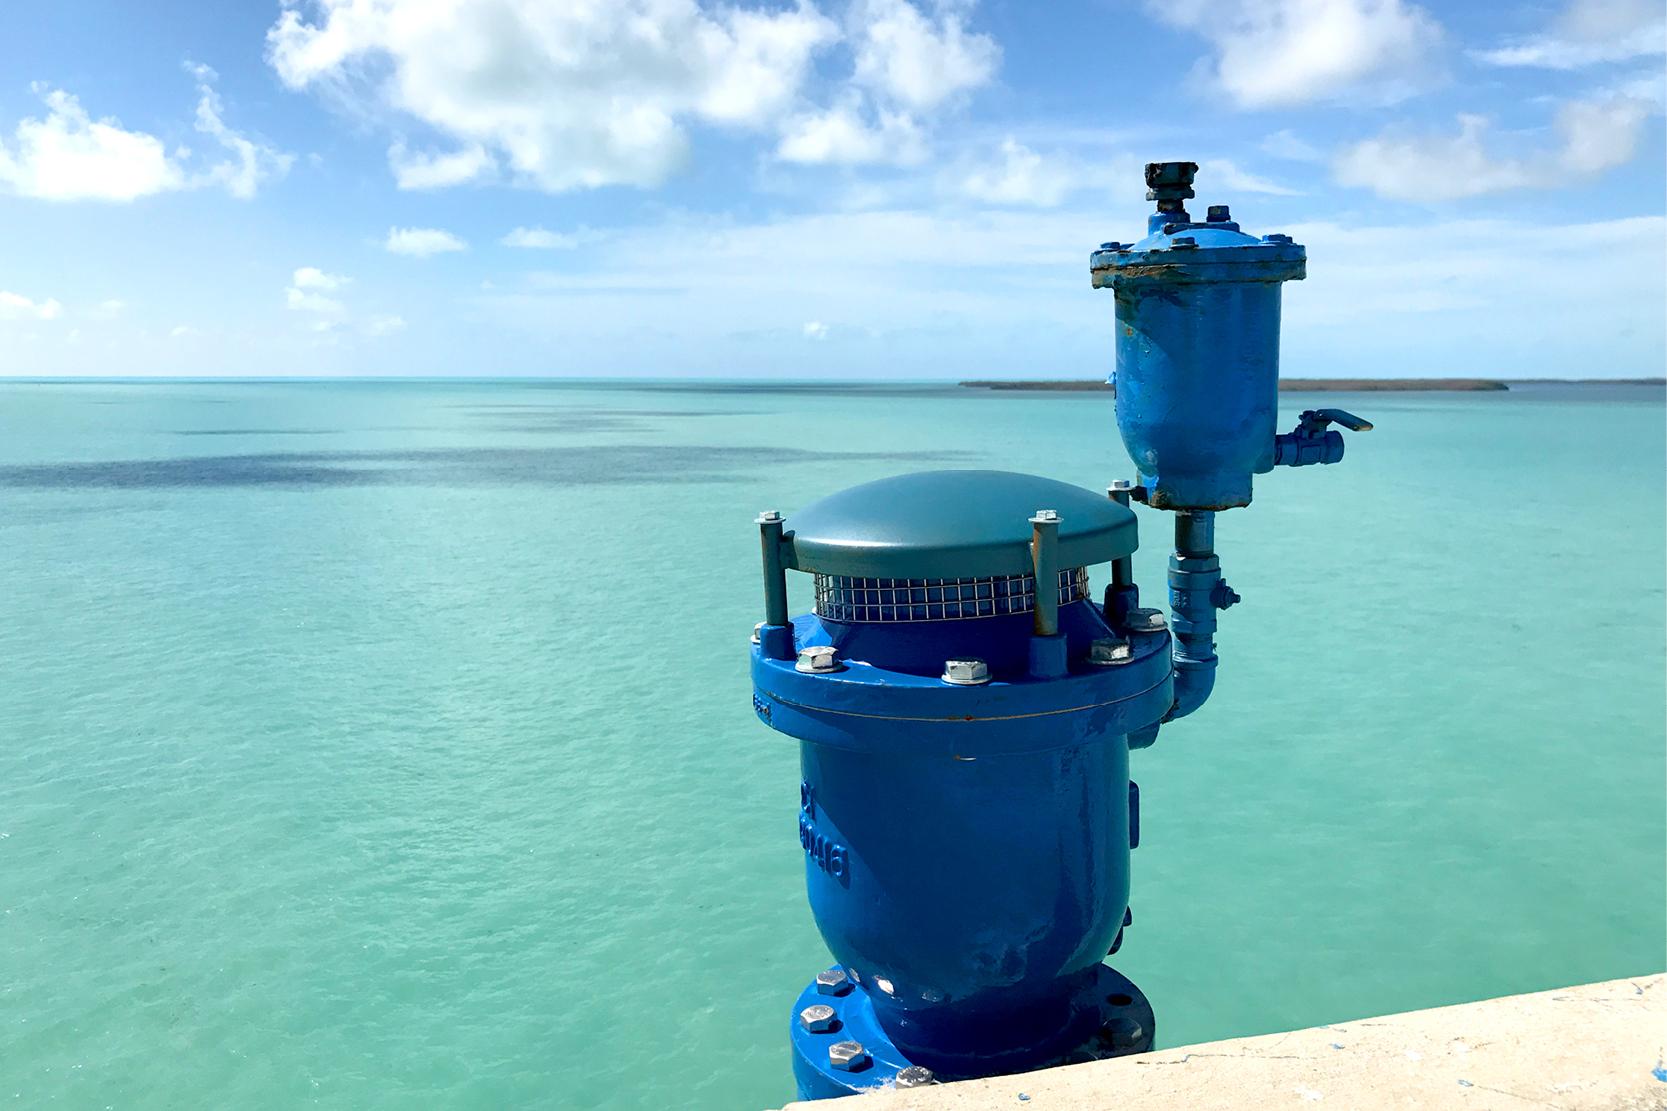 Tuberias-Procesamiento-de-Agua-Cirko-Engineering-4.jpg